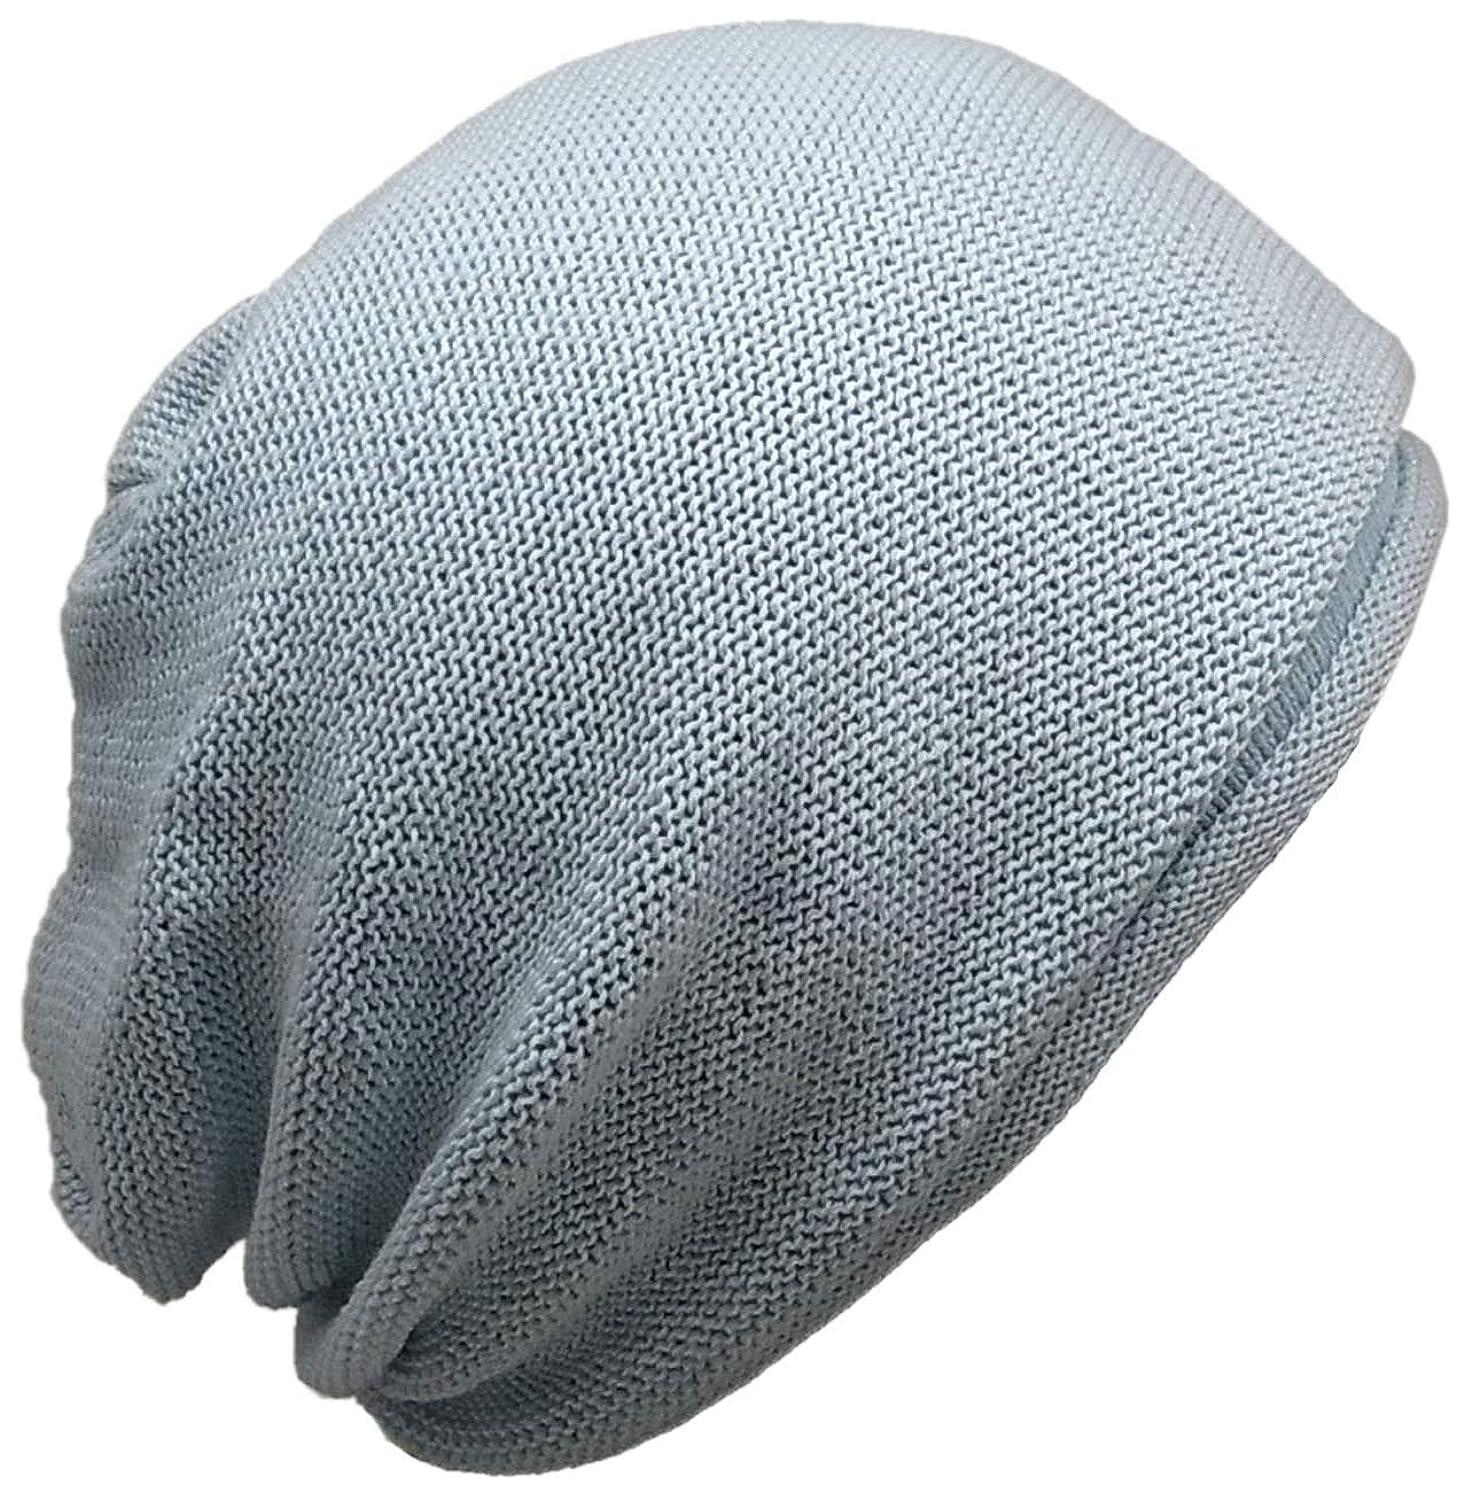 宇宙の巨人警戒(ディグズハット)DIGZHAT サマーコットン ニット帽 オールシーズン 薄手 サイズ展開 メンズ レディース